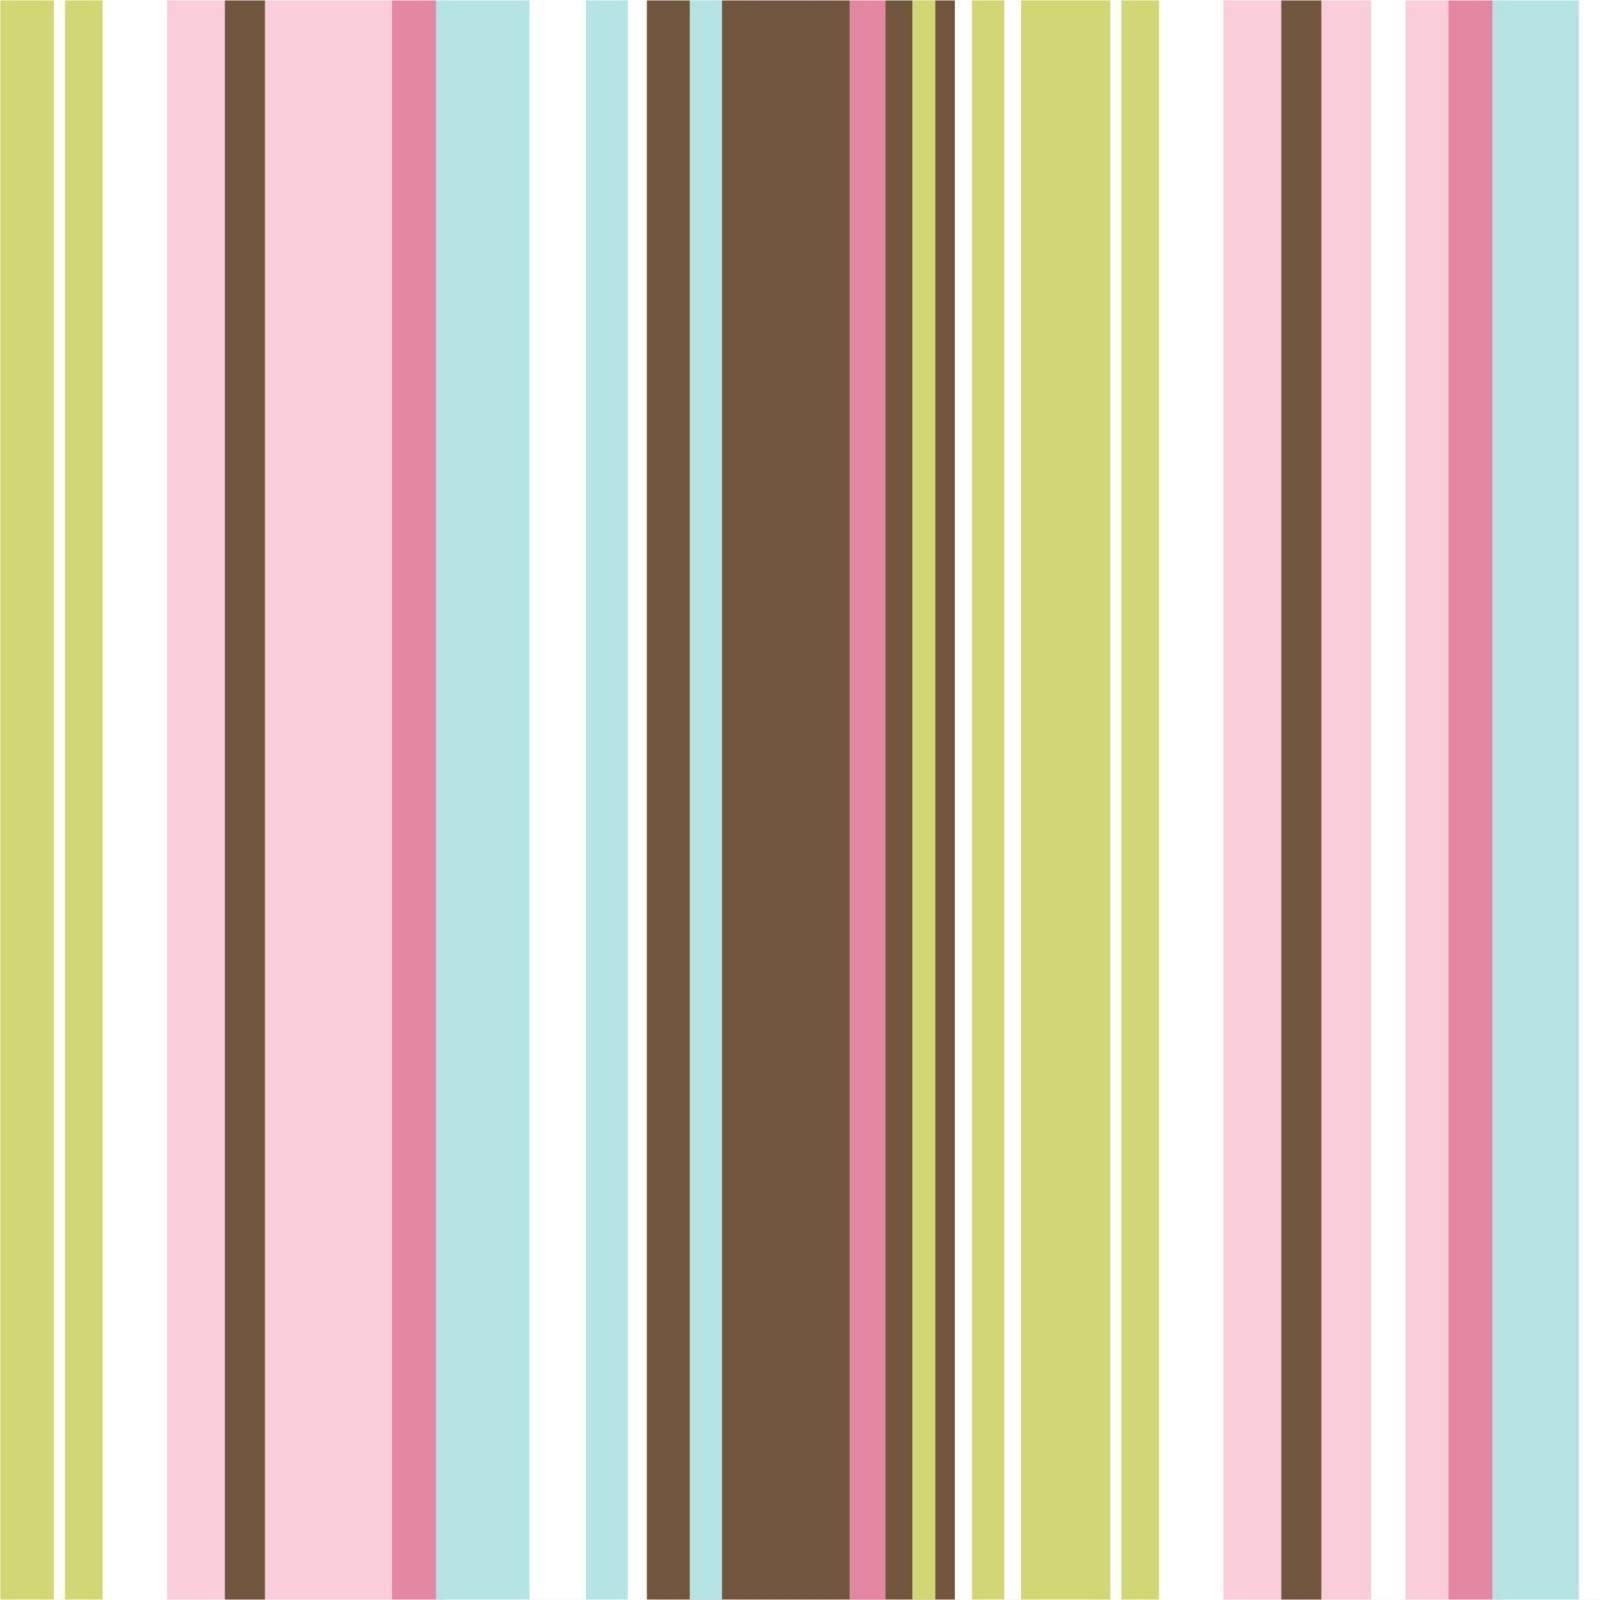 Papel de Parede Listrado Azul e Rosa | Adesivo Vililico imagem 1